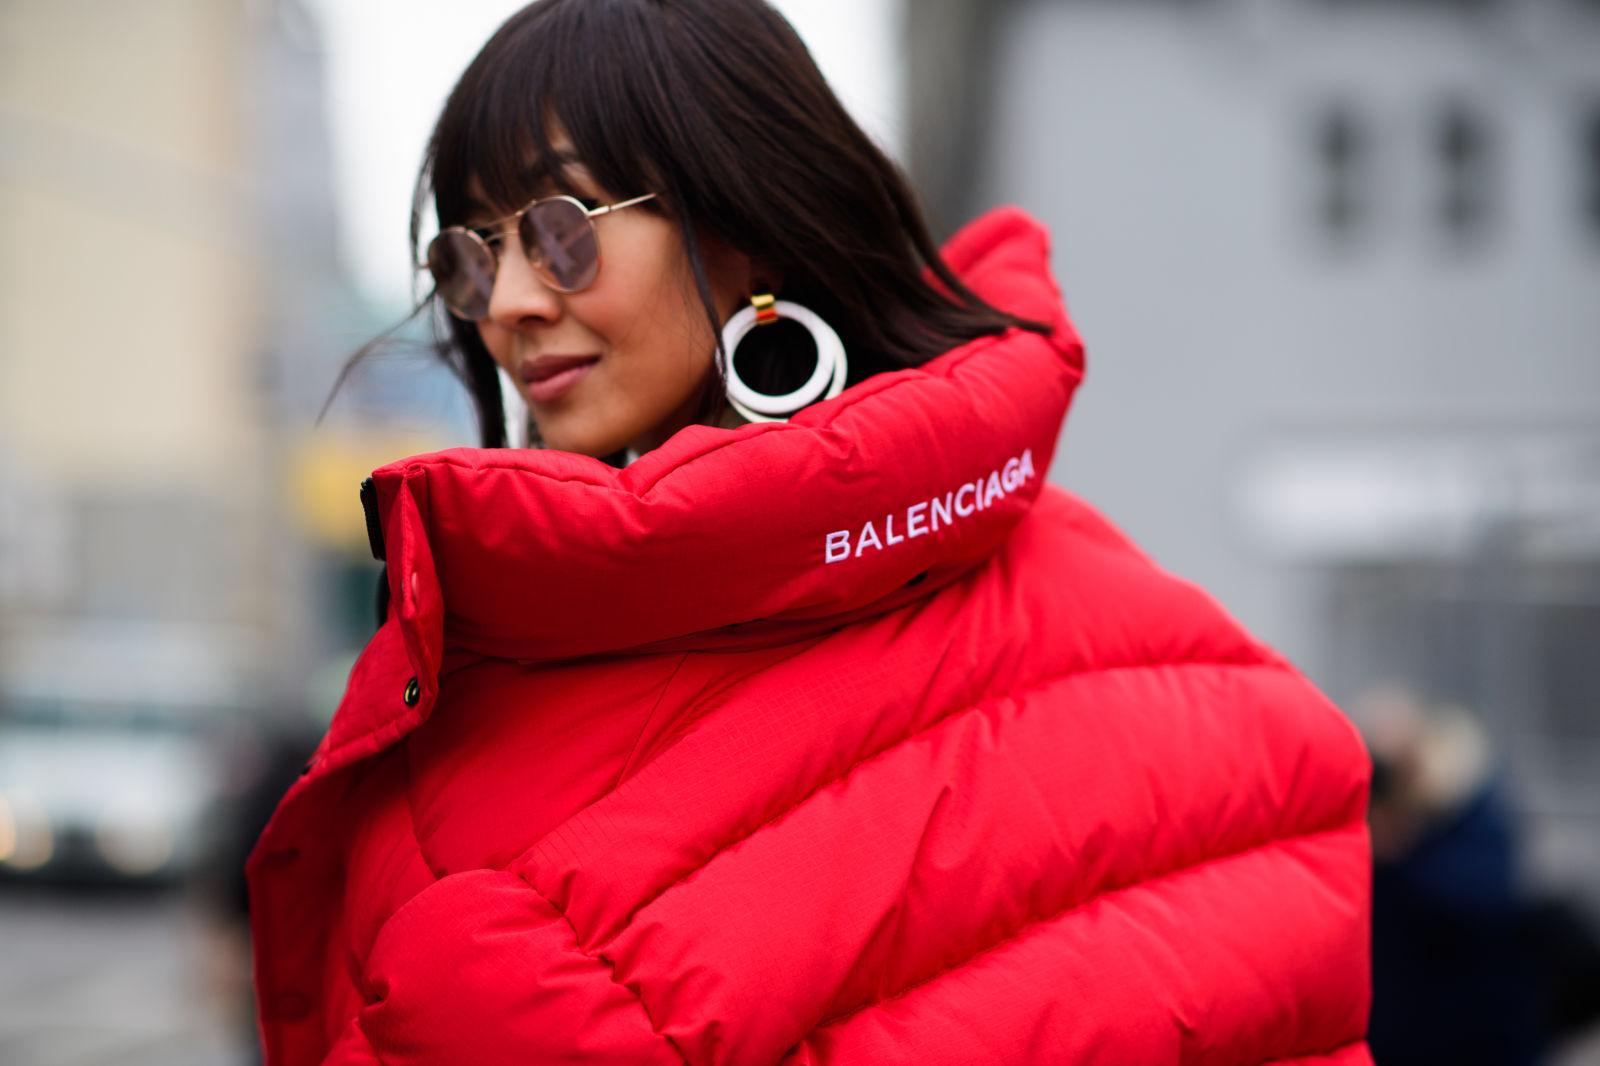 Chiêm ngưỡng đặc sản street style đẹp khó rời mắt tại Tuần lễ thời trang New York - Ảnh 5.